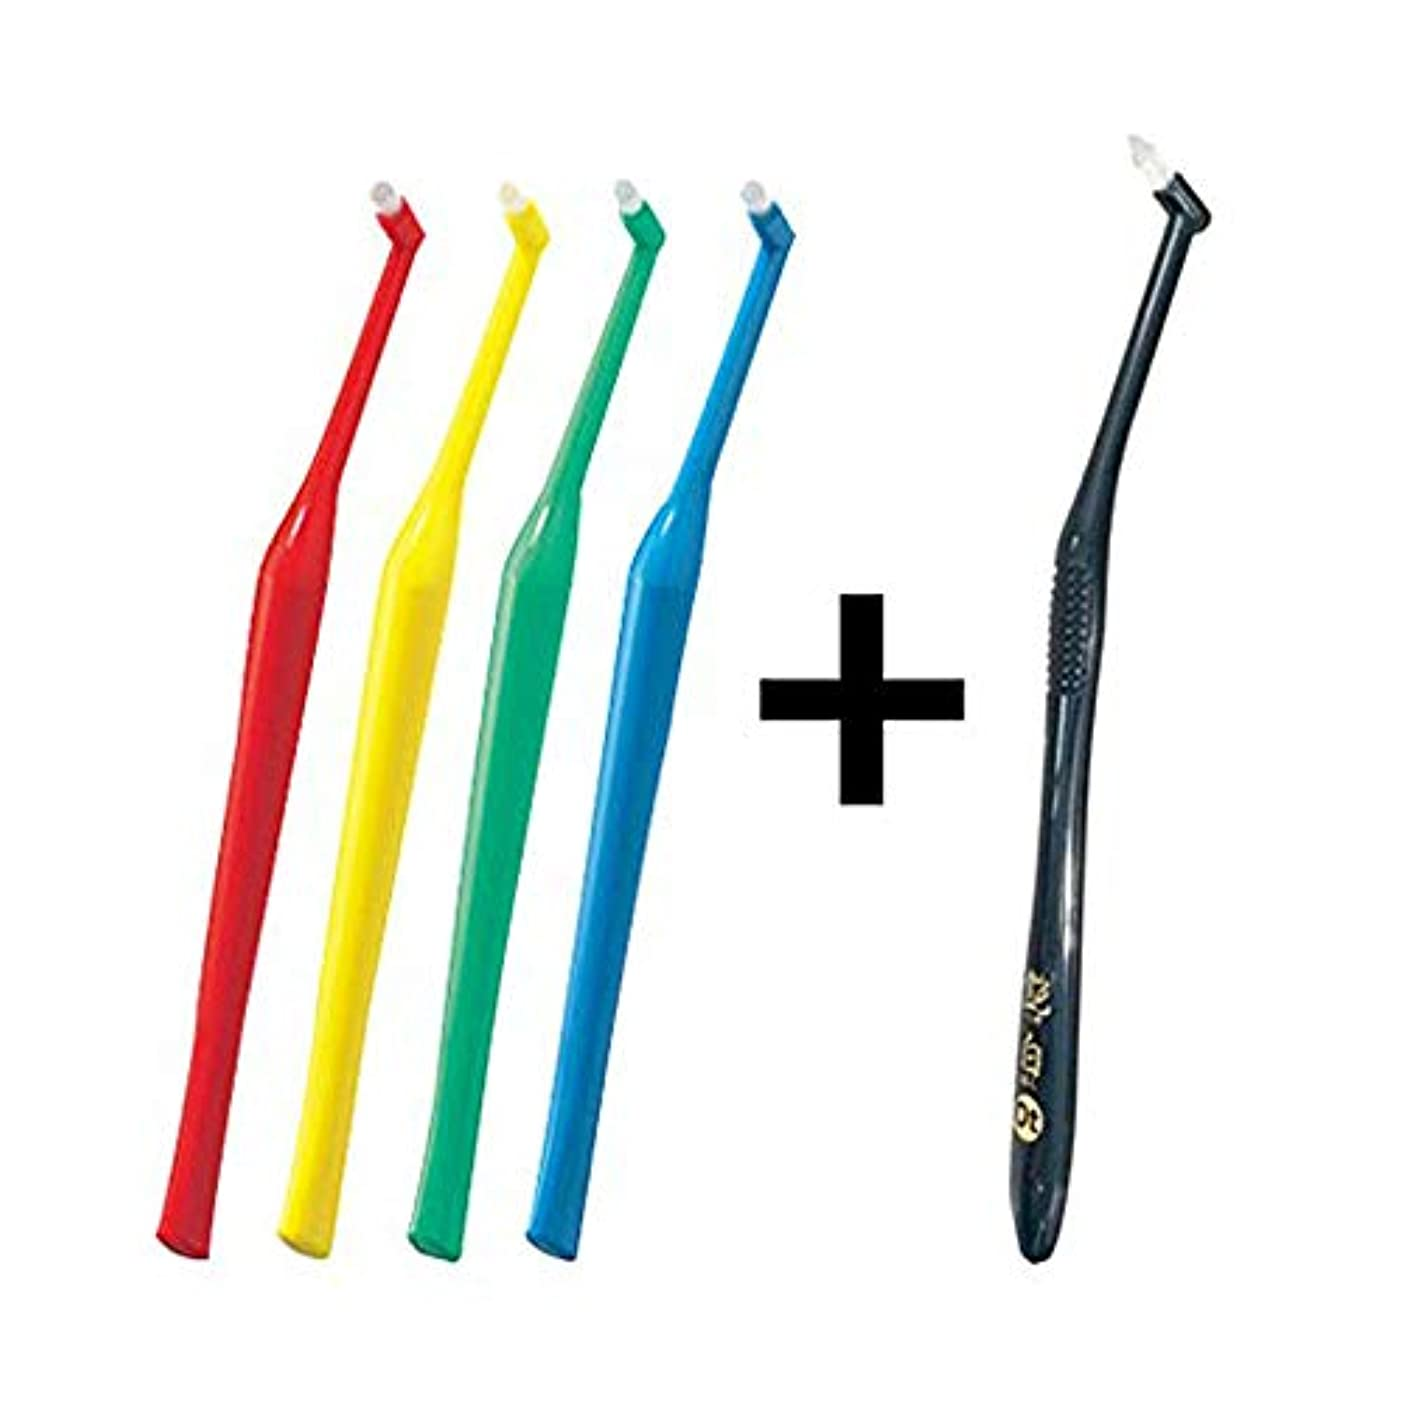 落ち着いたピカリングプラカードプラウト Plaut × 4本 アソート (S(ソフト))+艶白ワンタフト 歯ブラシ 1本 SS(とてもやわらかめ)